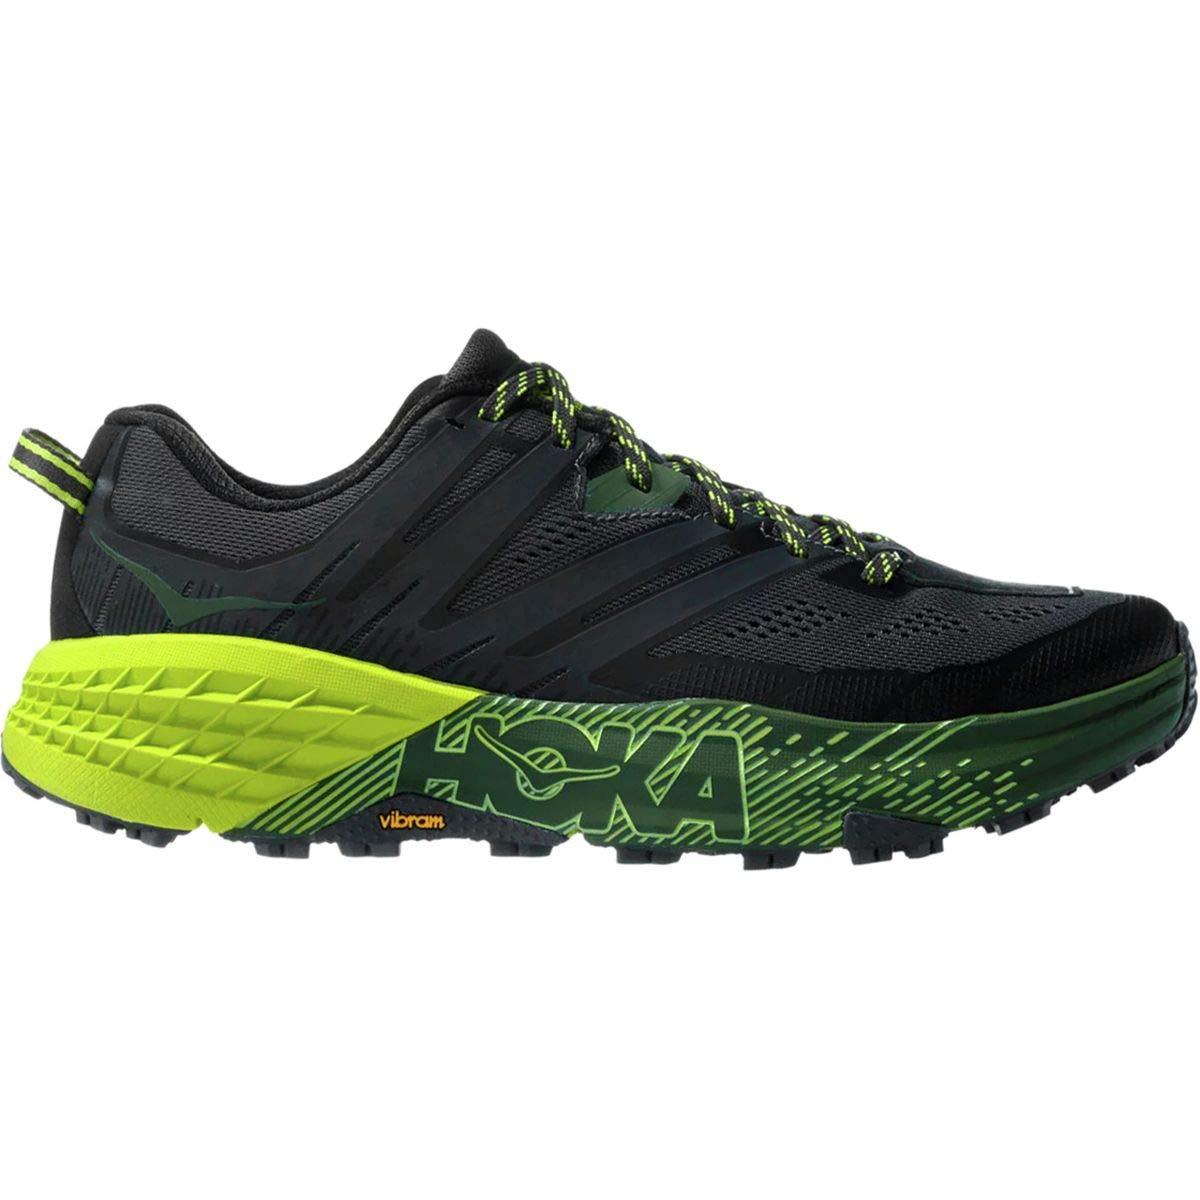 【送料0円】 [ホッカオネオネ] メンズ ランニング Speedgoat 3 Running Shoe Shoe 3 [並行輸入品] Speedgoat B07P1R1X7Q 9, グリーンネットSHOP:50f39c4f --- dance.officeporto.com